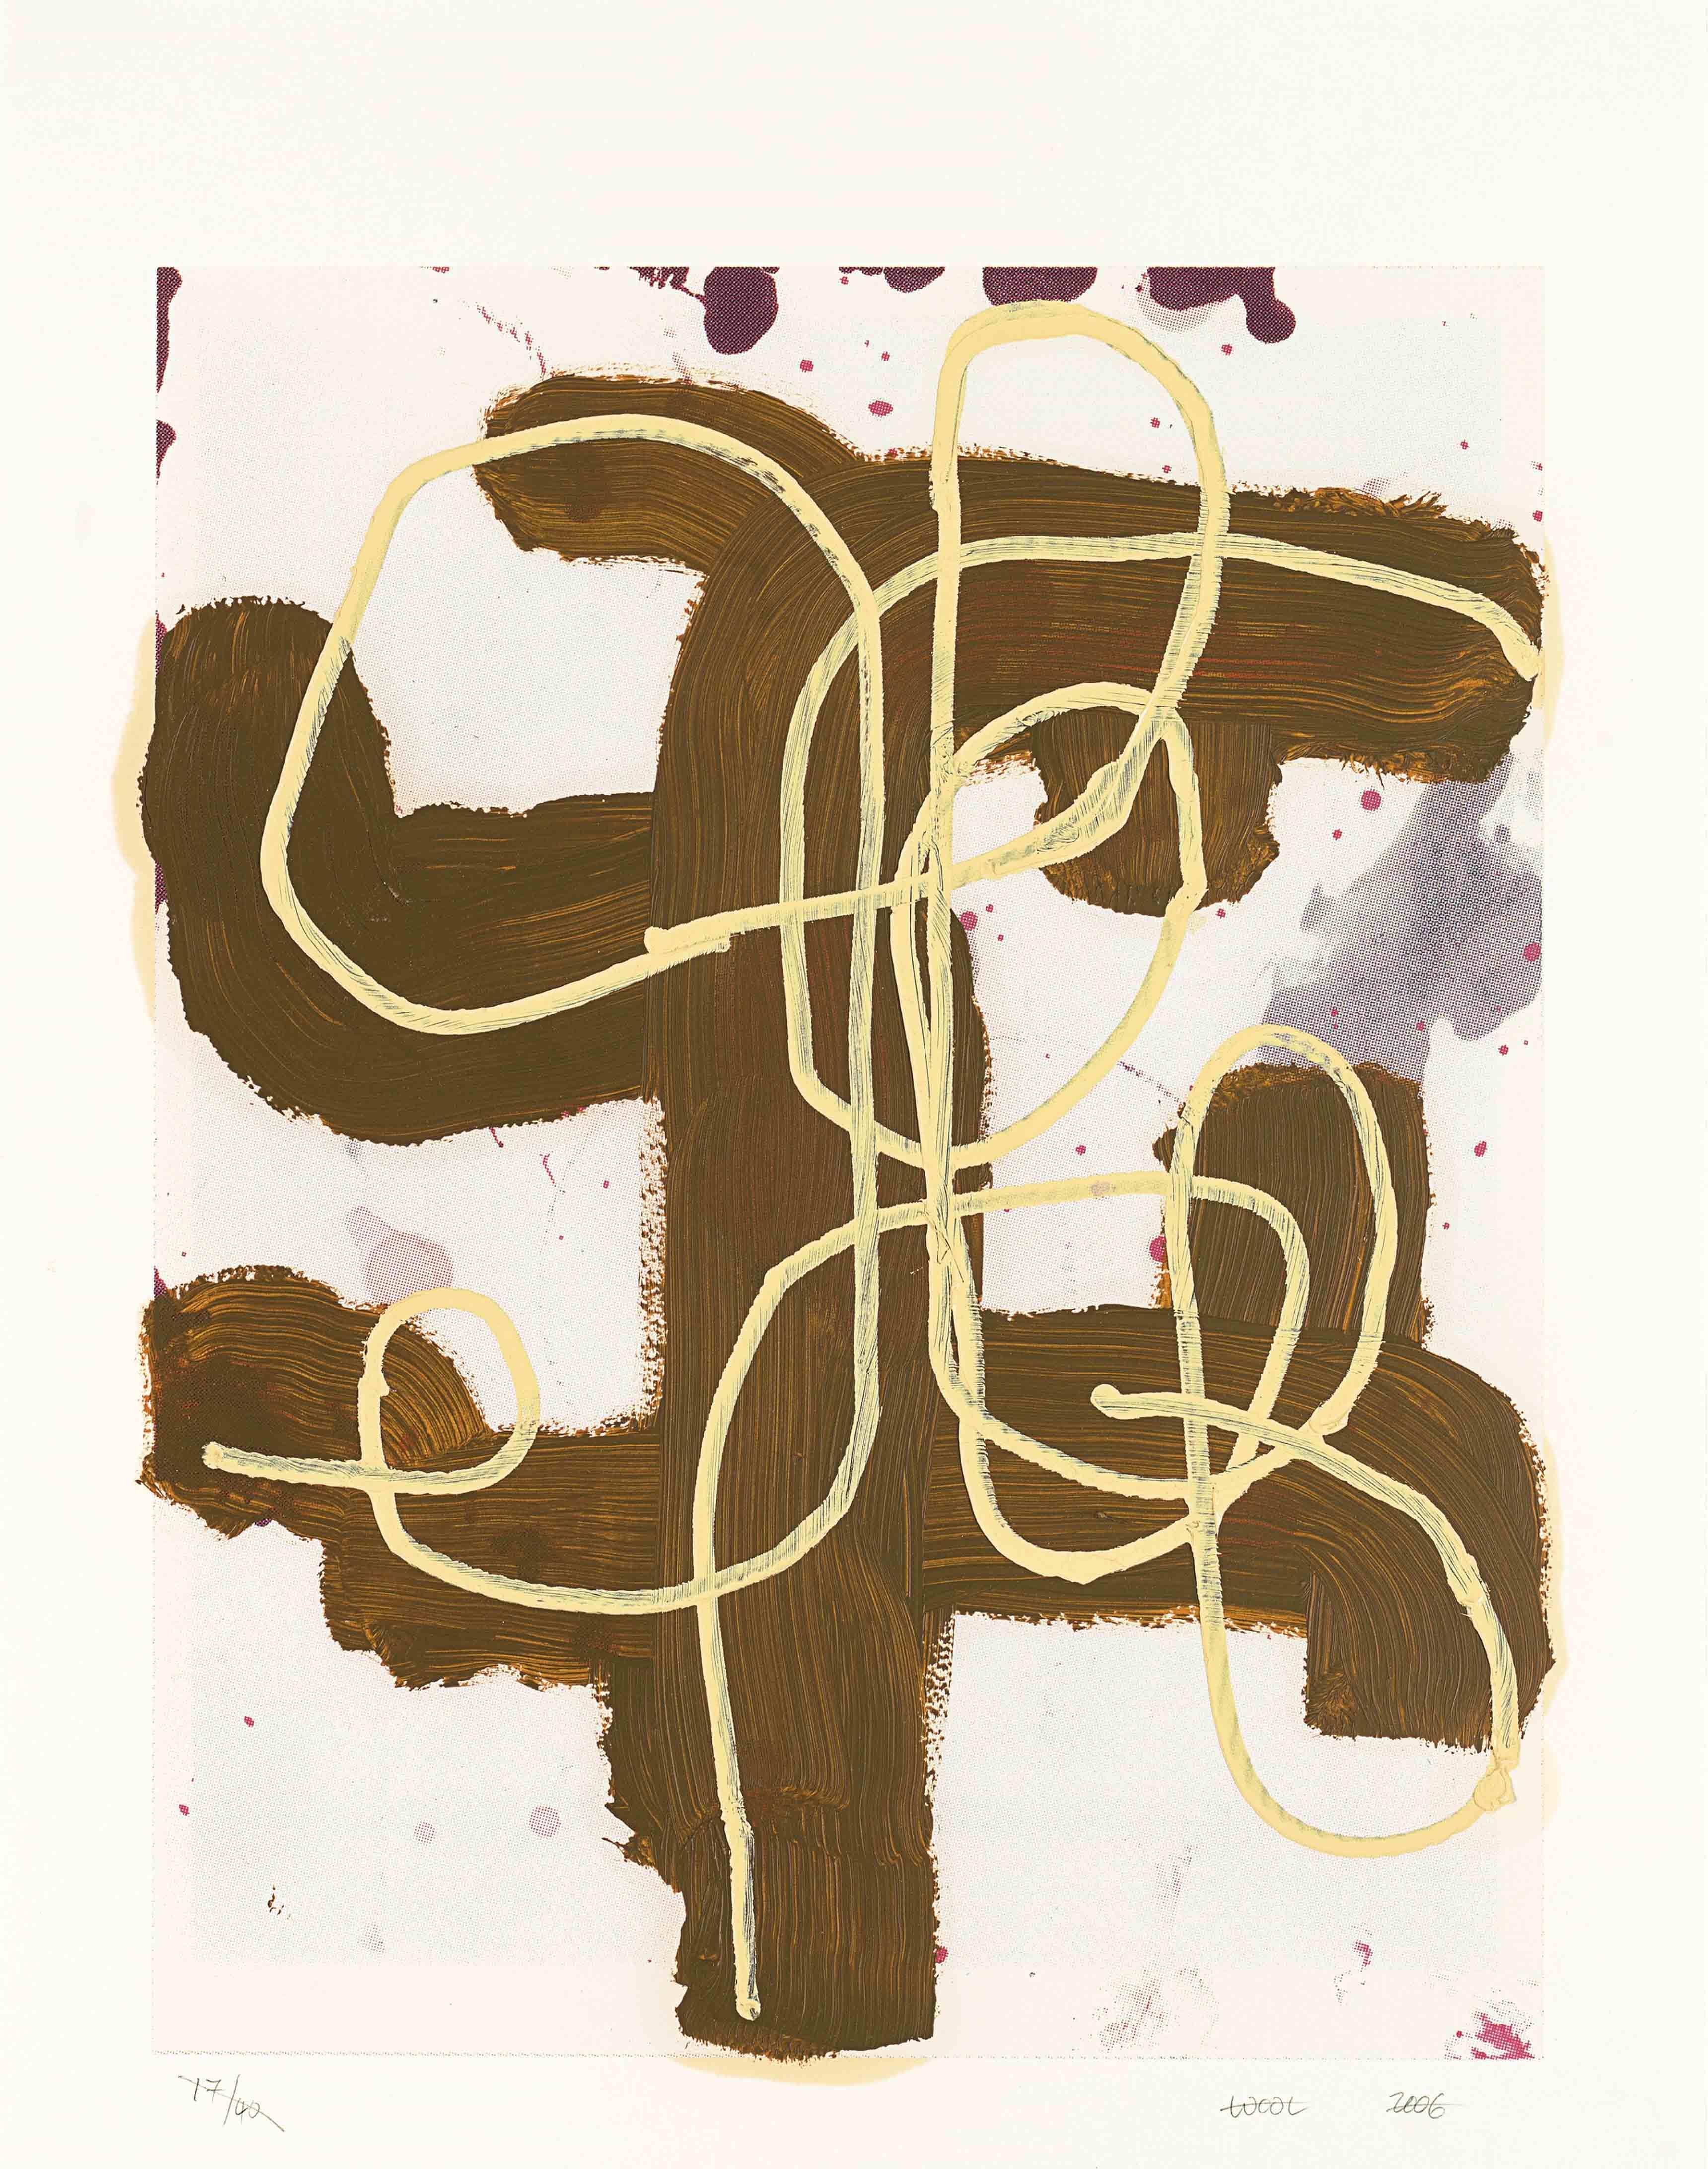 """Lot 7. Christopher Wool (né en 1955), """"Sans titre"""", signé et daté 'Wool 2016' (en bas), huile et sérigraphie sur papier. 76.2 x 55.9 cm. Réalisée en 2016, cette œuvre est unique. Estimation : €100,000–150,000 ($130,000–180,000)."""